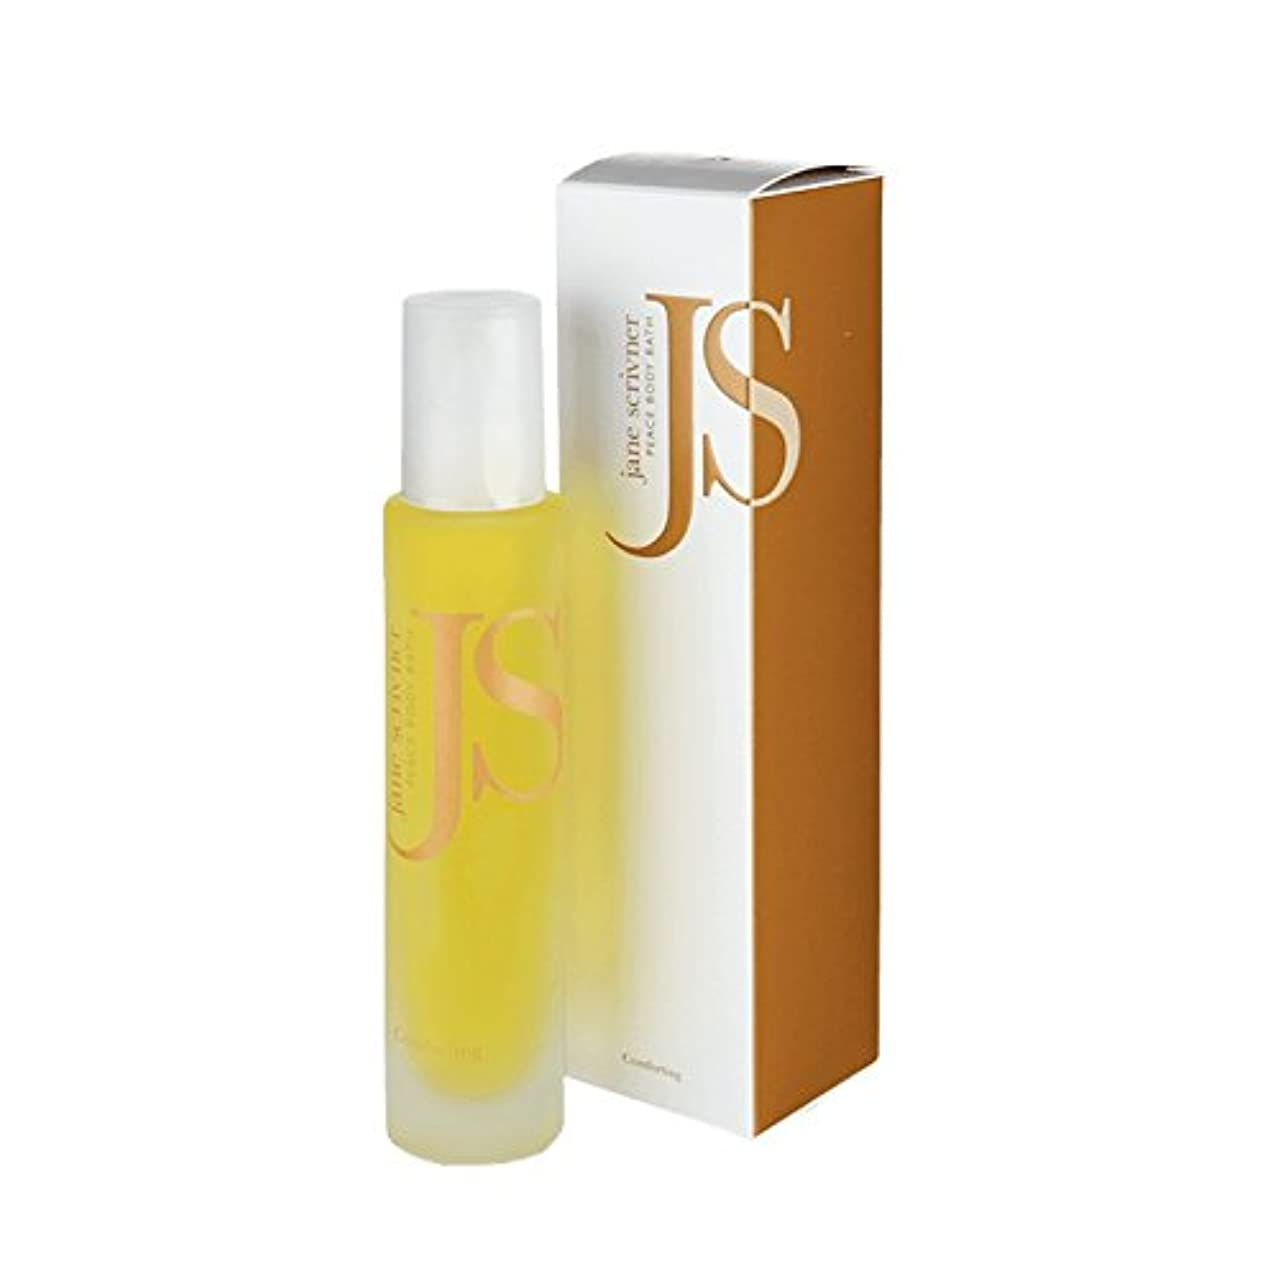 政治的キャプテンブライ変化Jane Scrivner Body Bath Oil Peace 100ml (Pack of 6) - ジェーンScrivnerボディバスオイル平和100ミリリットル (x6) [並行輸入品]